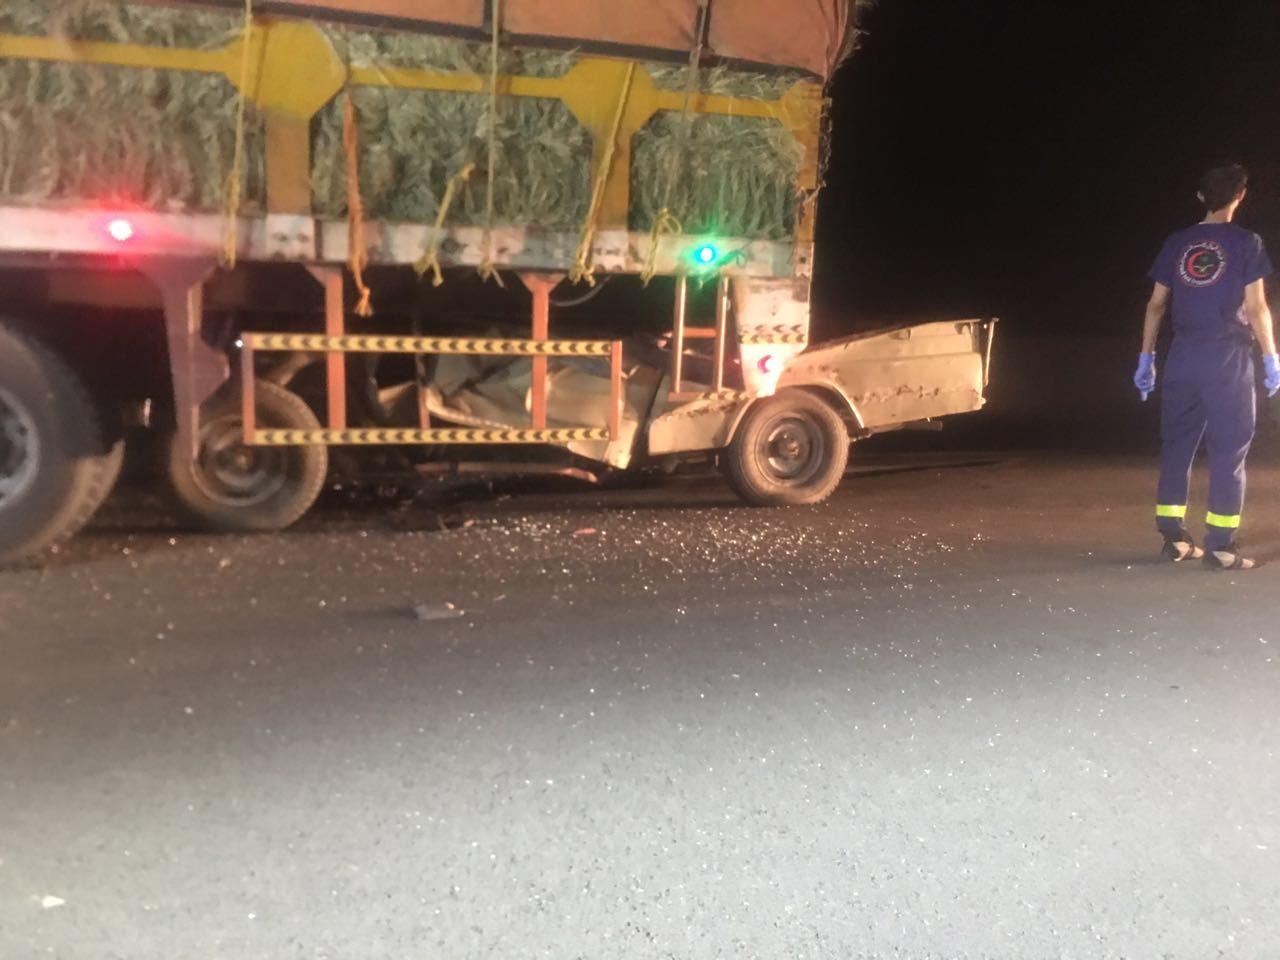 شاهد .. مصرع شخص إثر اصطدام سيارته بشاحنة في الباحة